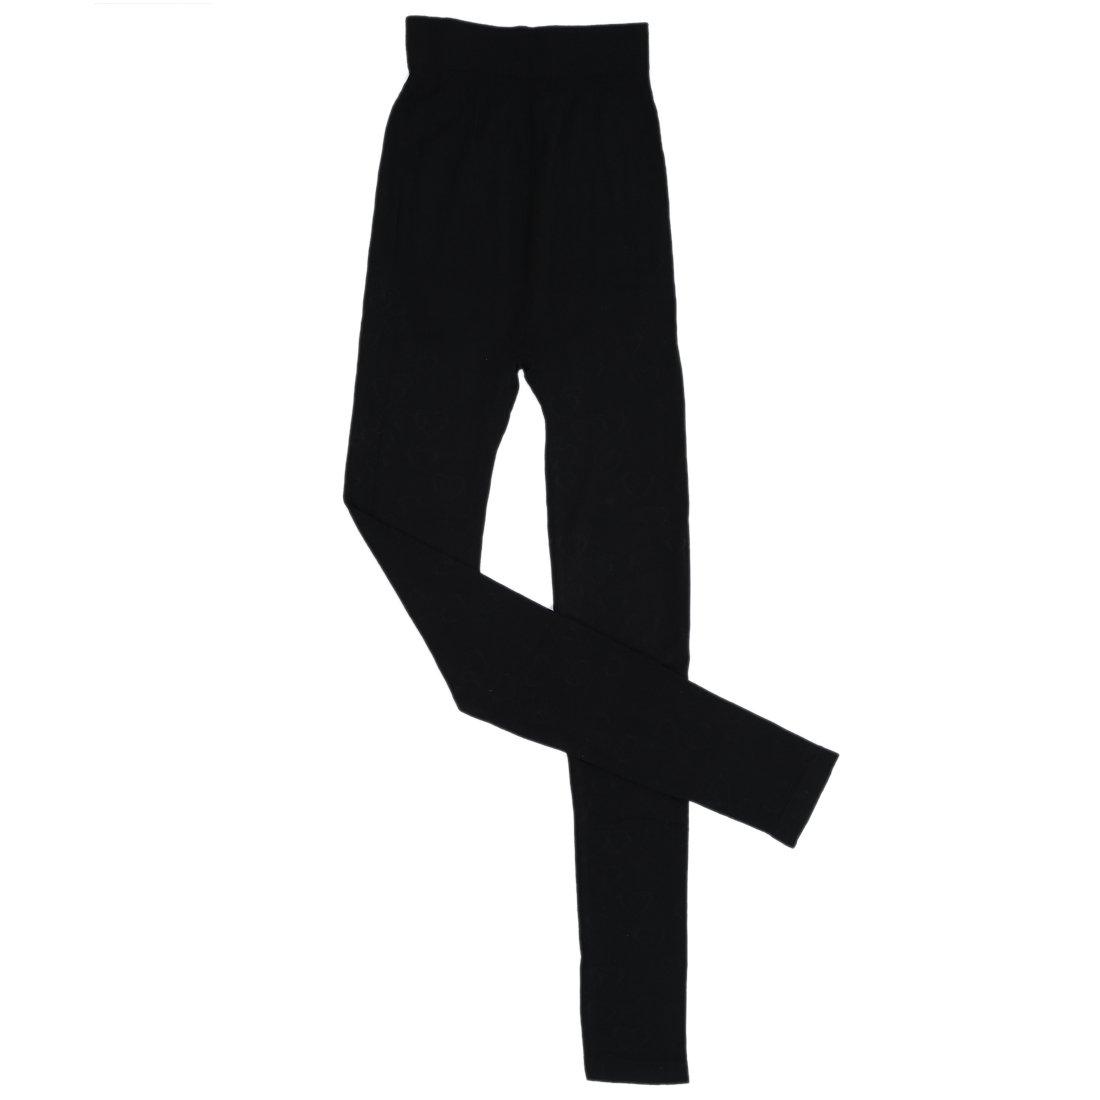 TOOGOO(R)Mujer Cuello redondo Conjunto termico Invierno Chaqueta&pantalones larga ropa interior Conjunto de Pijama Negro: Amazon.es: Deportes y aire libre